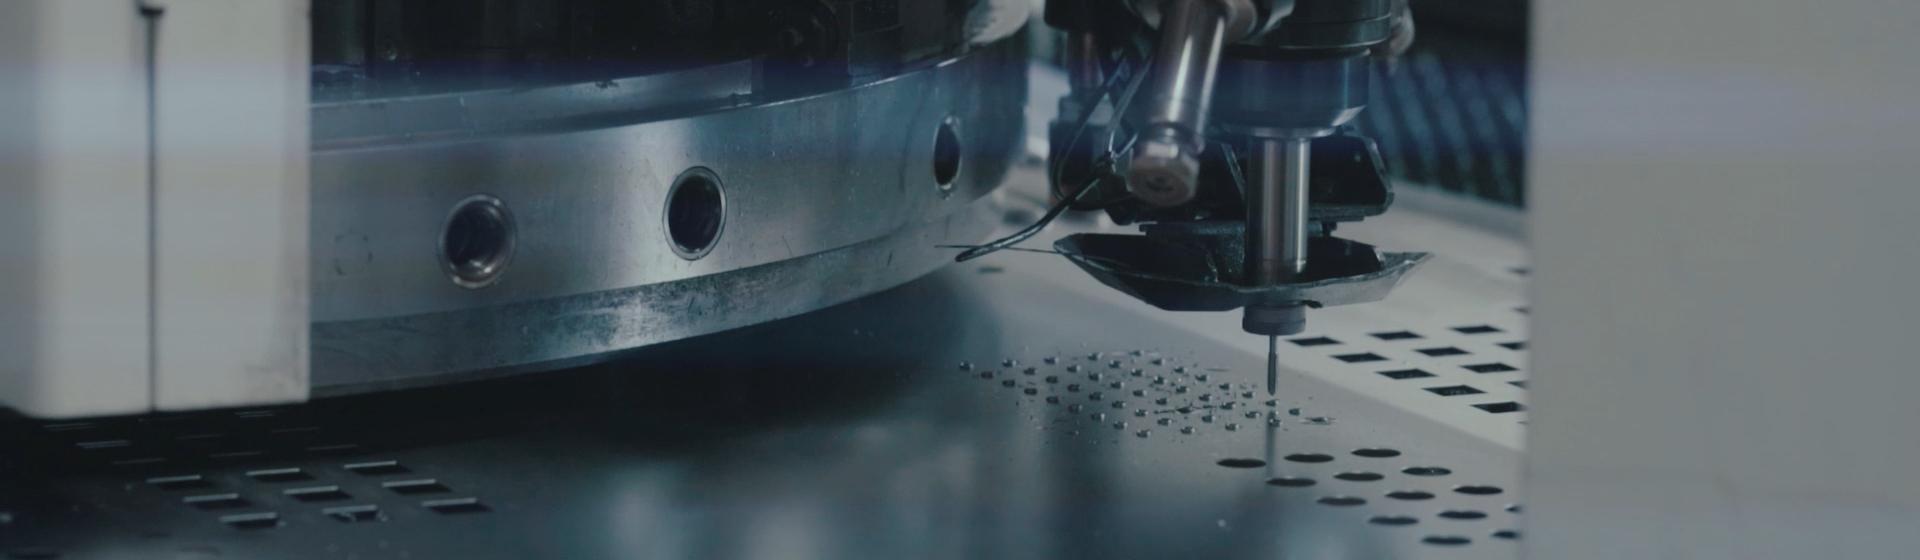 Dabew - Wykrawanie elementów za pomocą maszyny  MURATA CNC